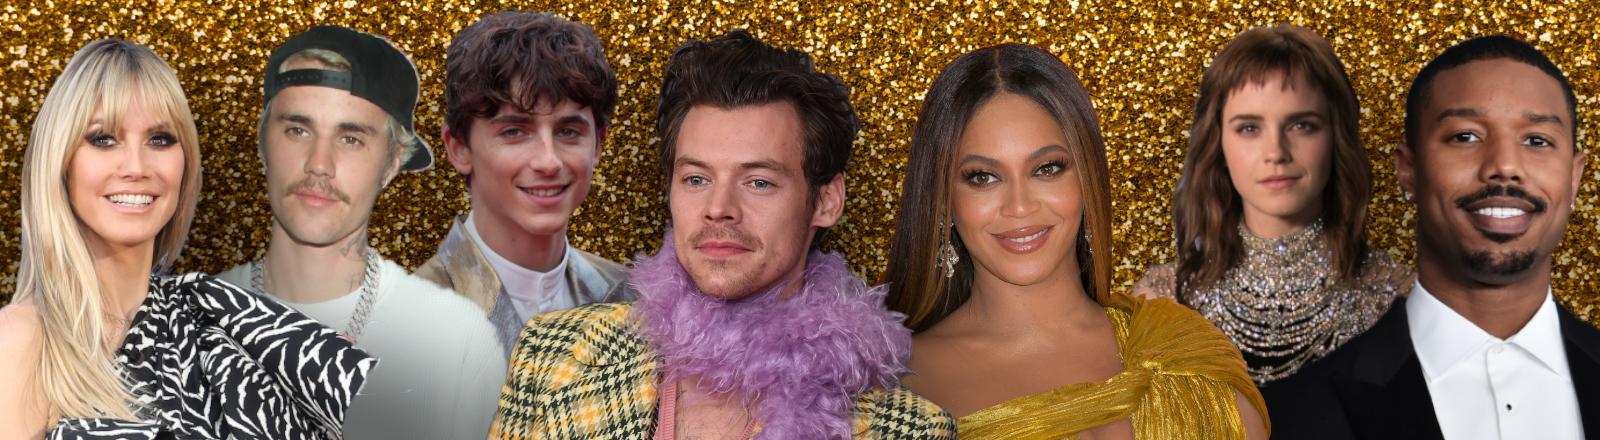 Eine Collage mit mehreren Promis: Das Model Heidi Klum, der Sänger Justin Bieber, Der Schauspieler Timothee Chalamet, Sänger Harry Styles, Sängerin Beyonce, Schauspielerin Emma Watson und Schauspieler Michael B. Jordan